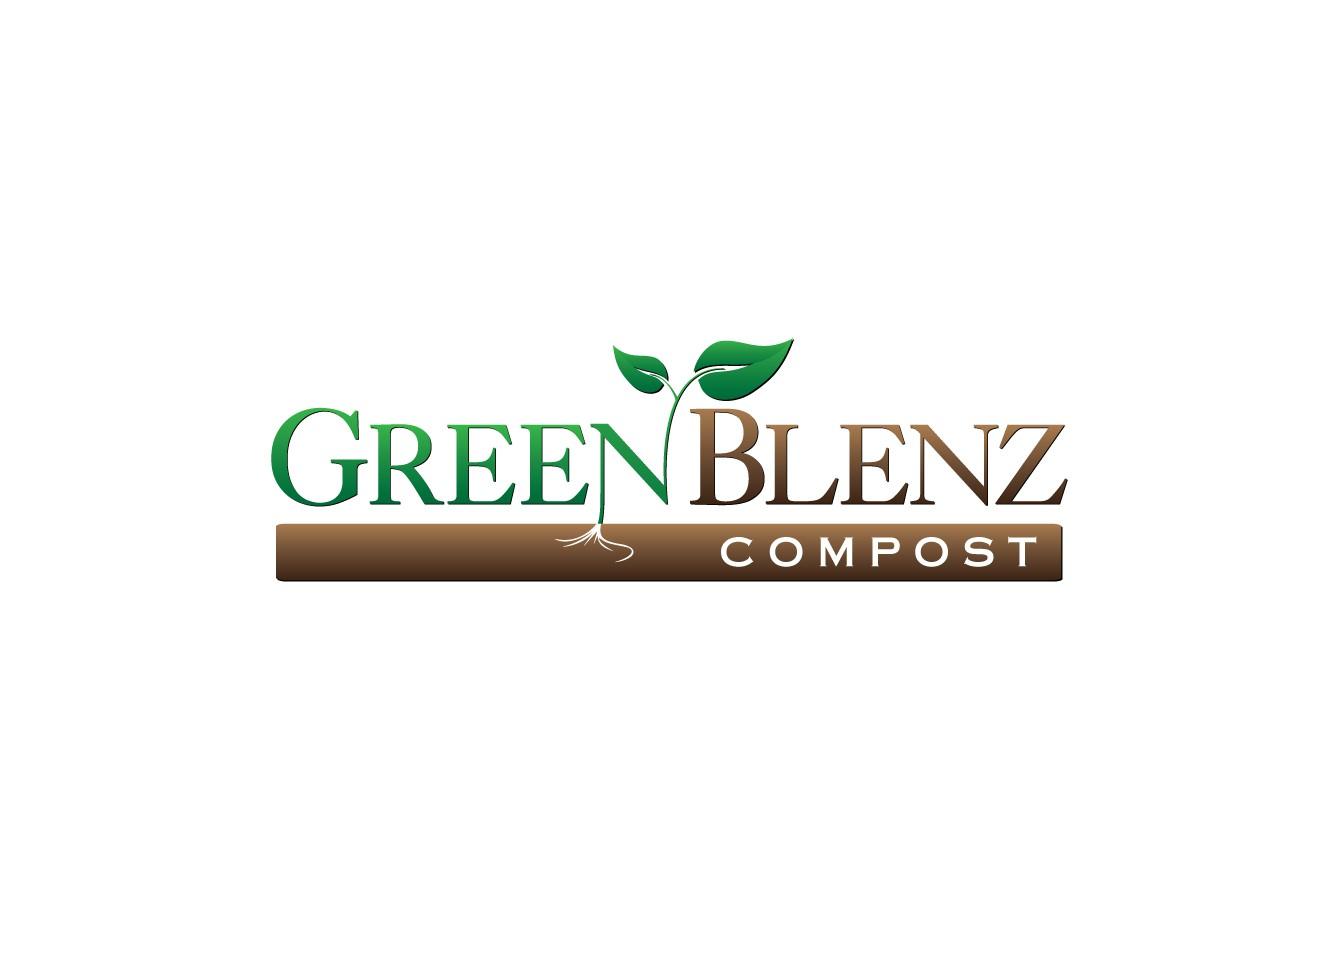 Green Blenz Compost needs a new logo